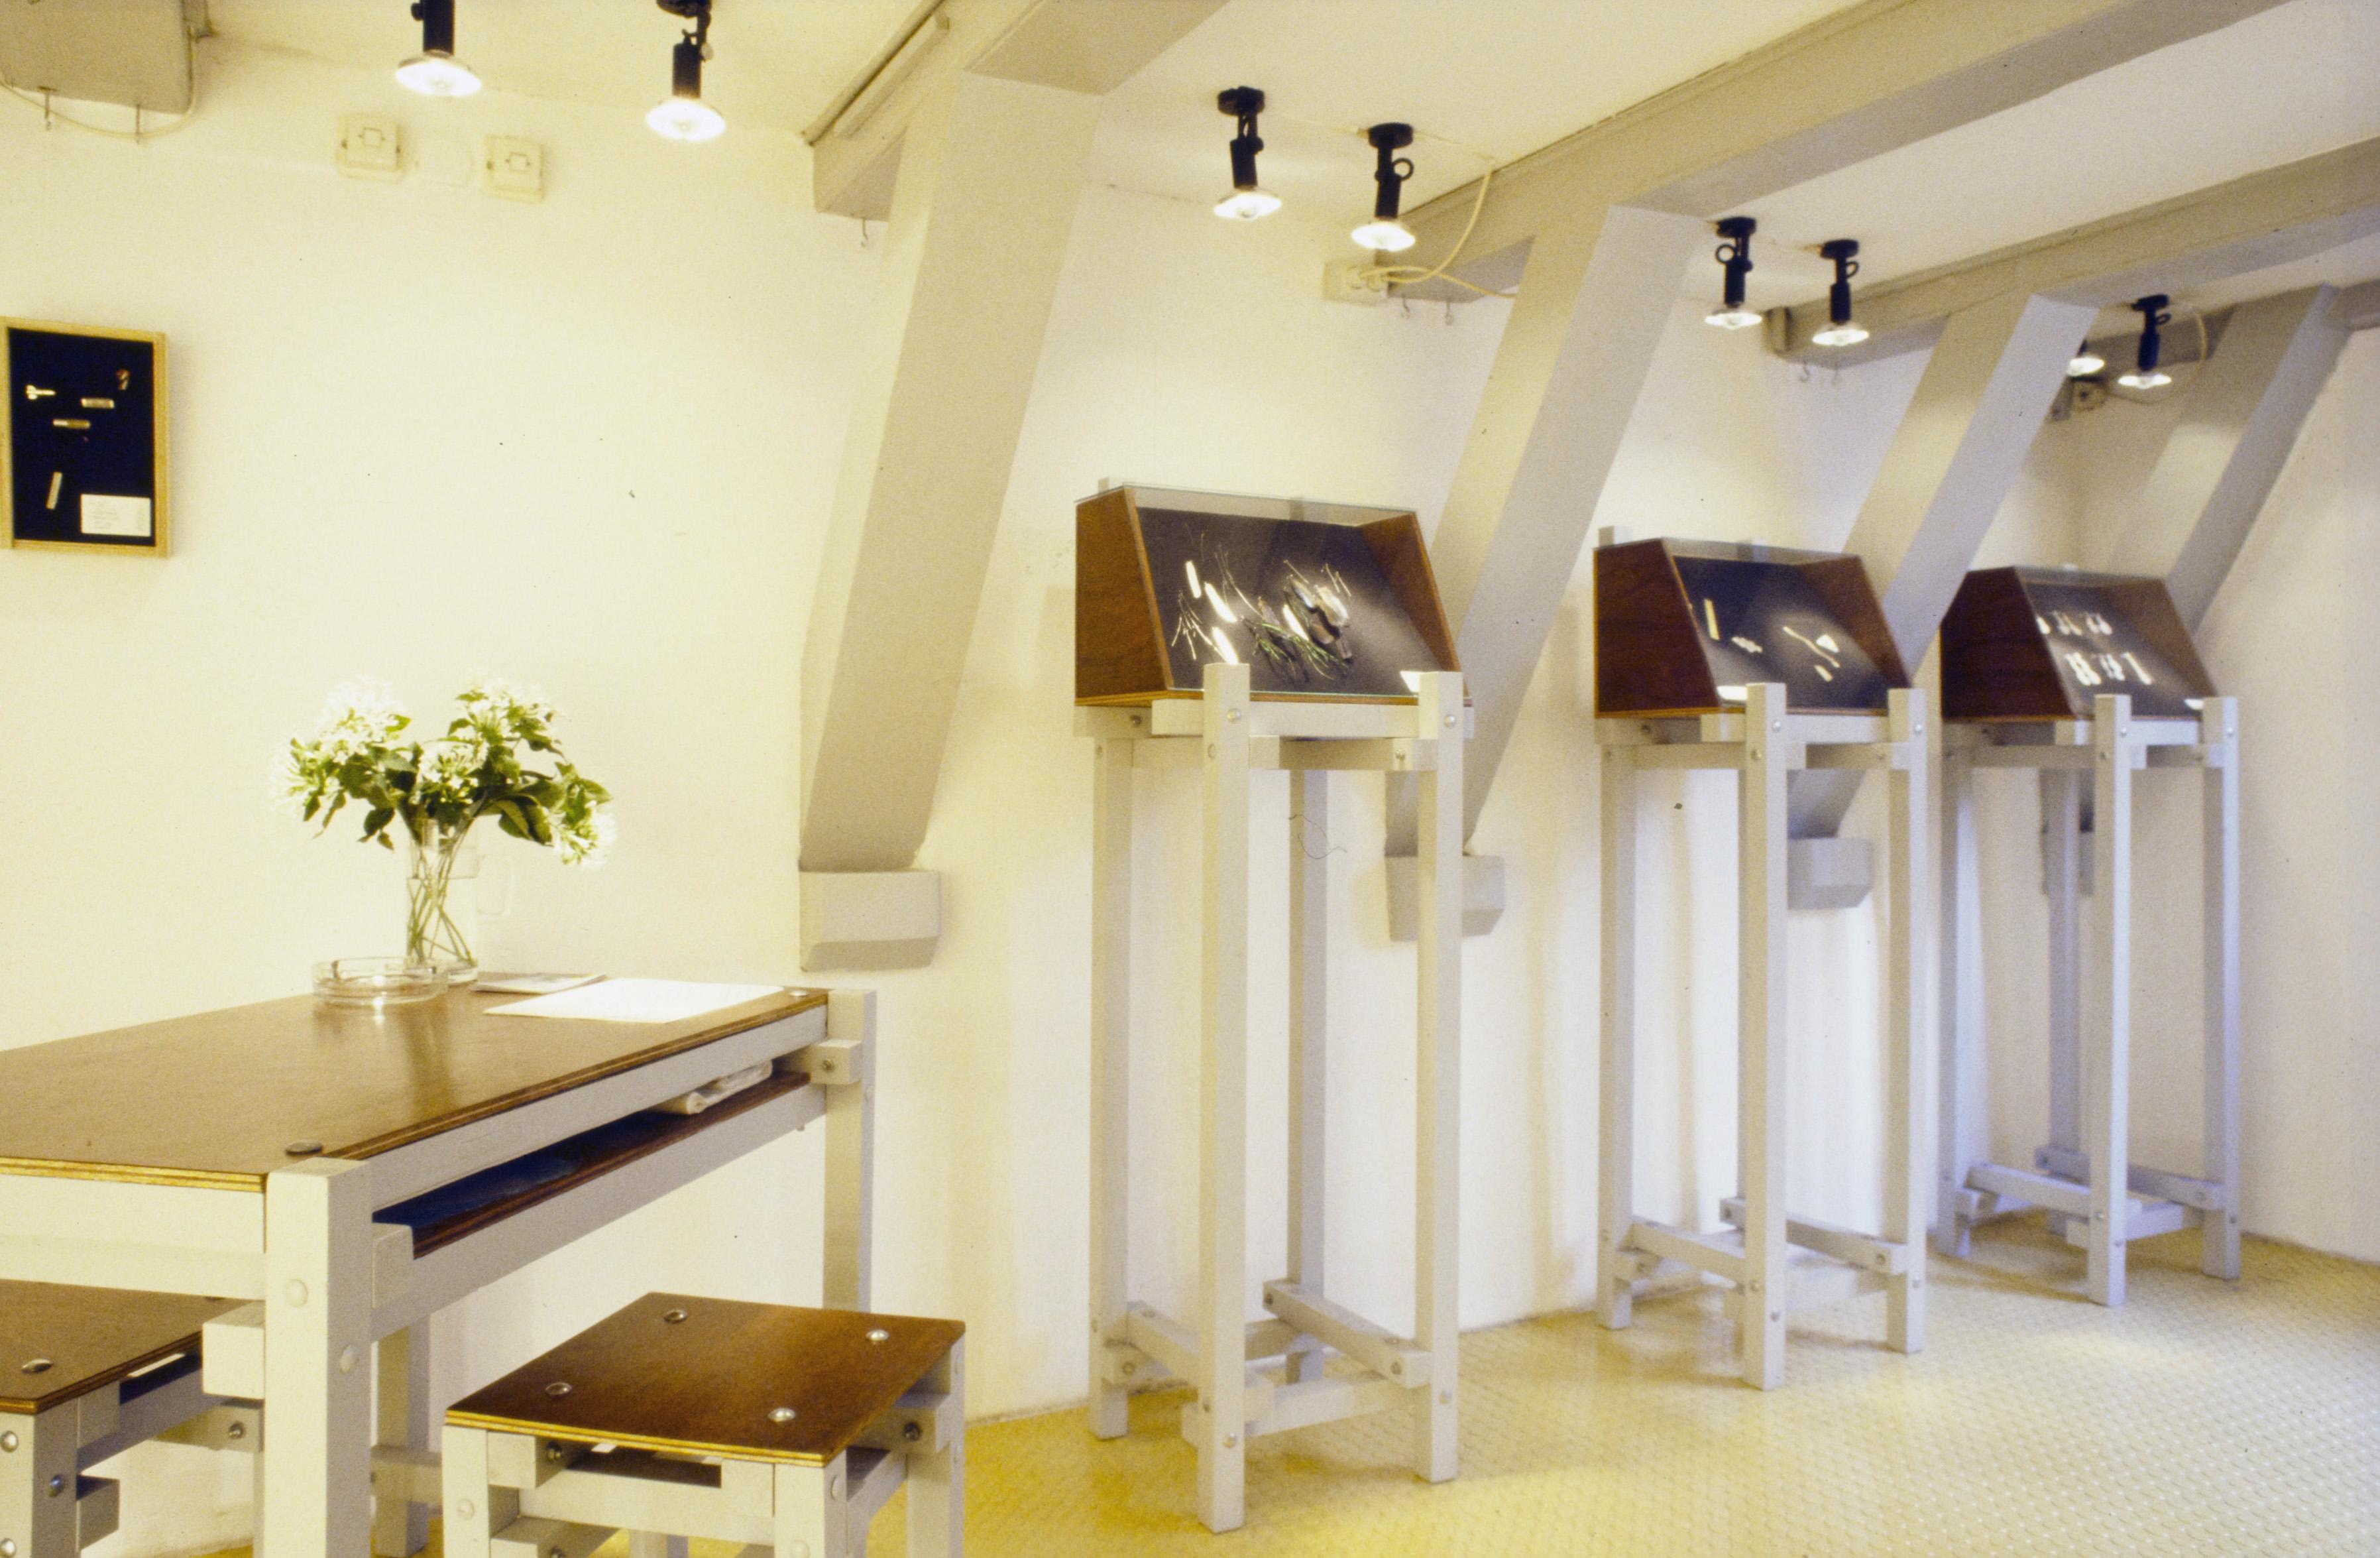 Interieur Galerie Ra met het op Rietveld geïnspireerde meubilair